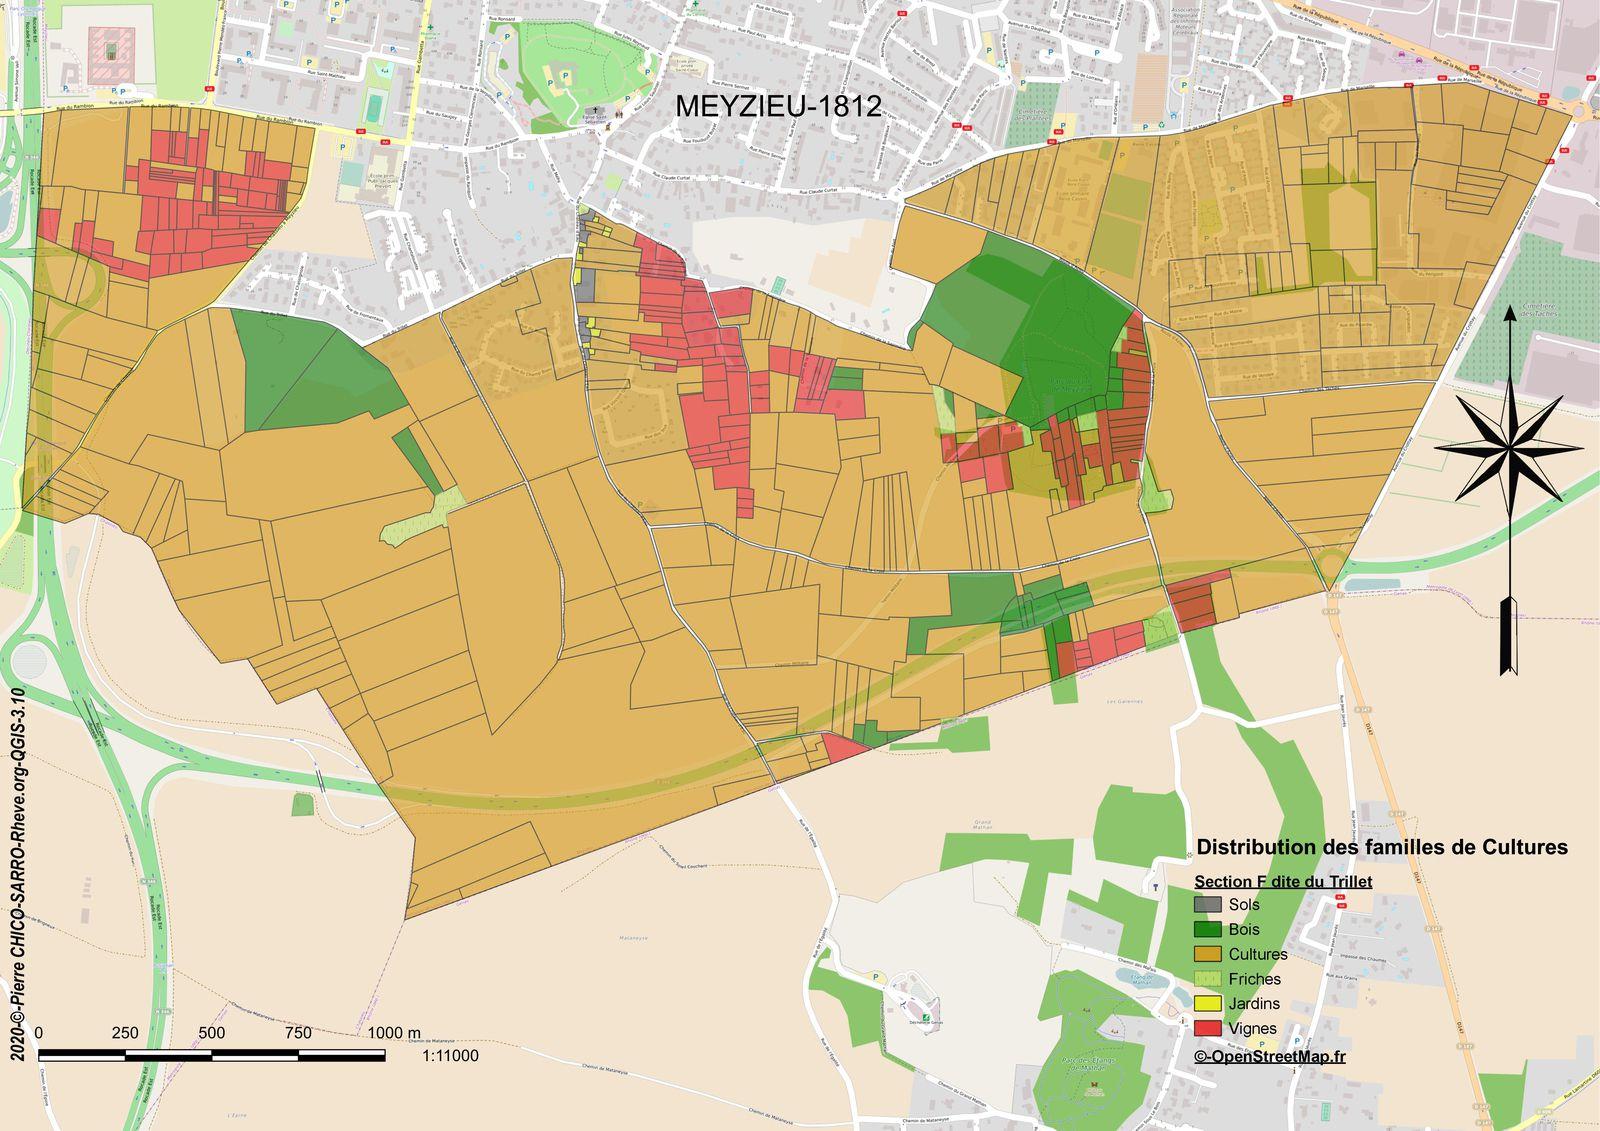 Distribution des familles de cultures sur la section F dite du Trillet à Meyzieu en 1812